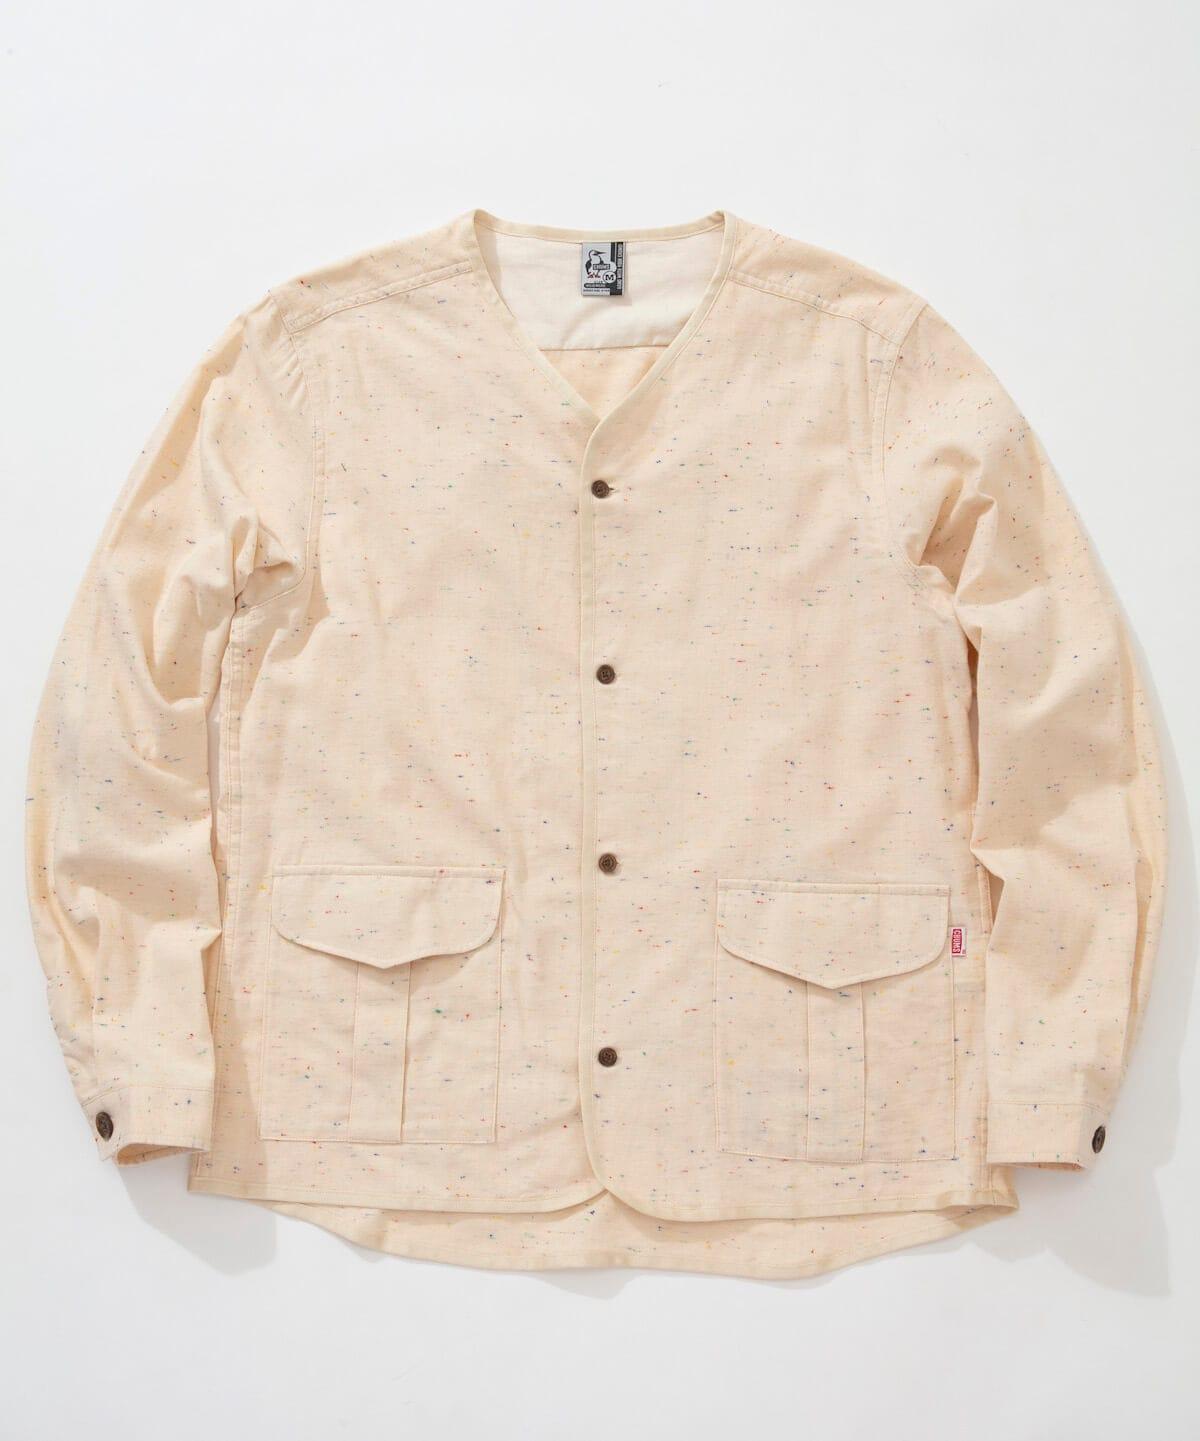 ノーカラーネップシャツ(トップス/シャツ)